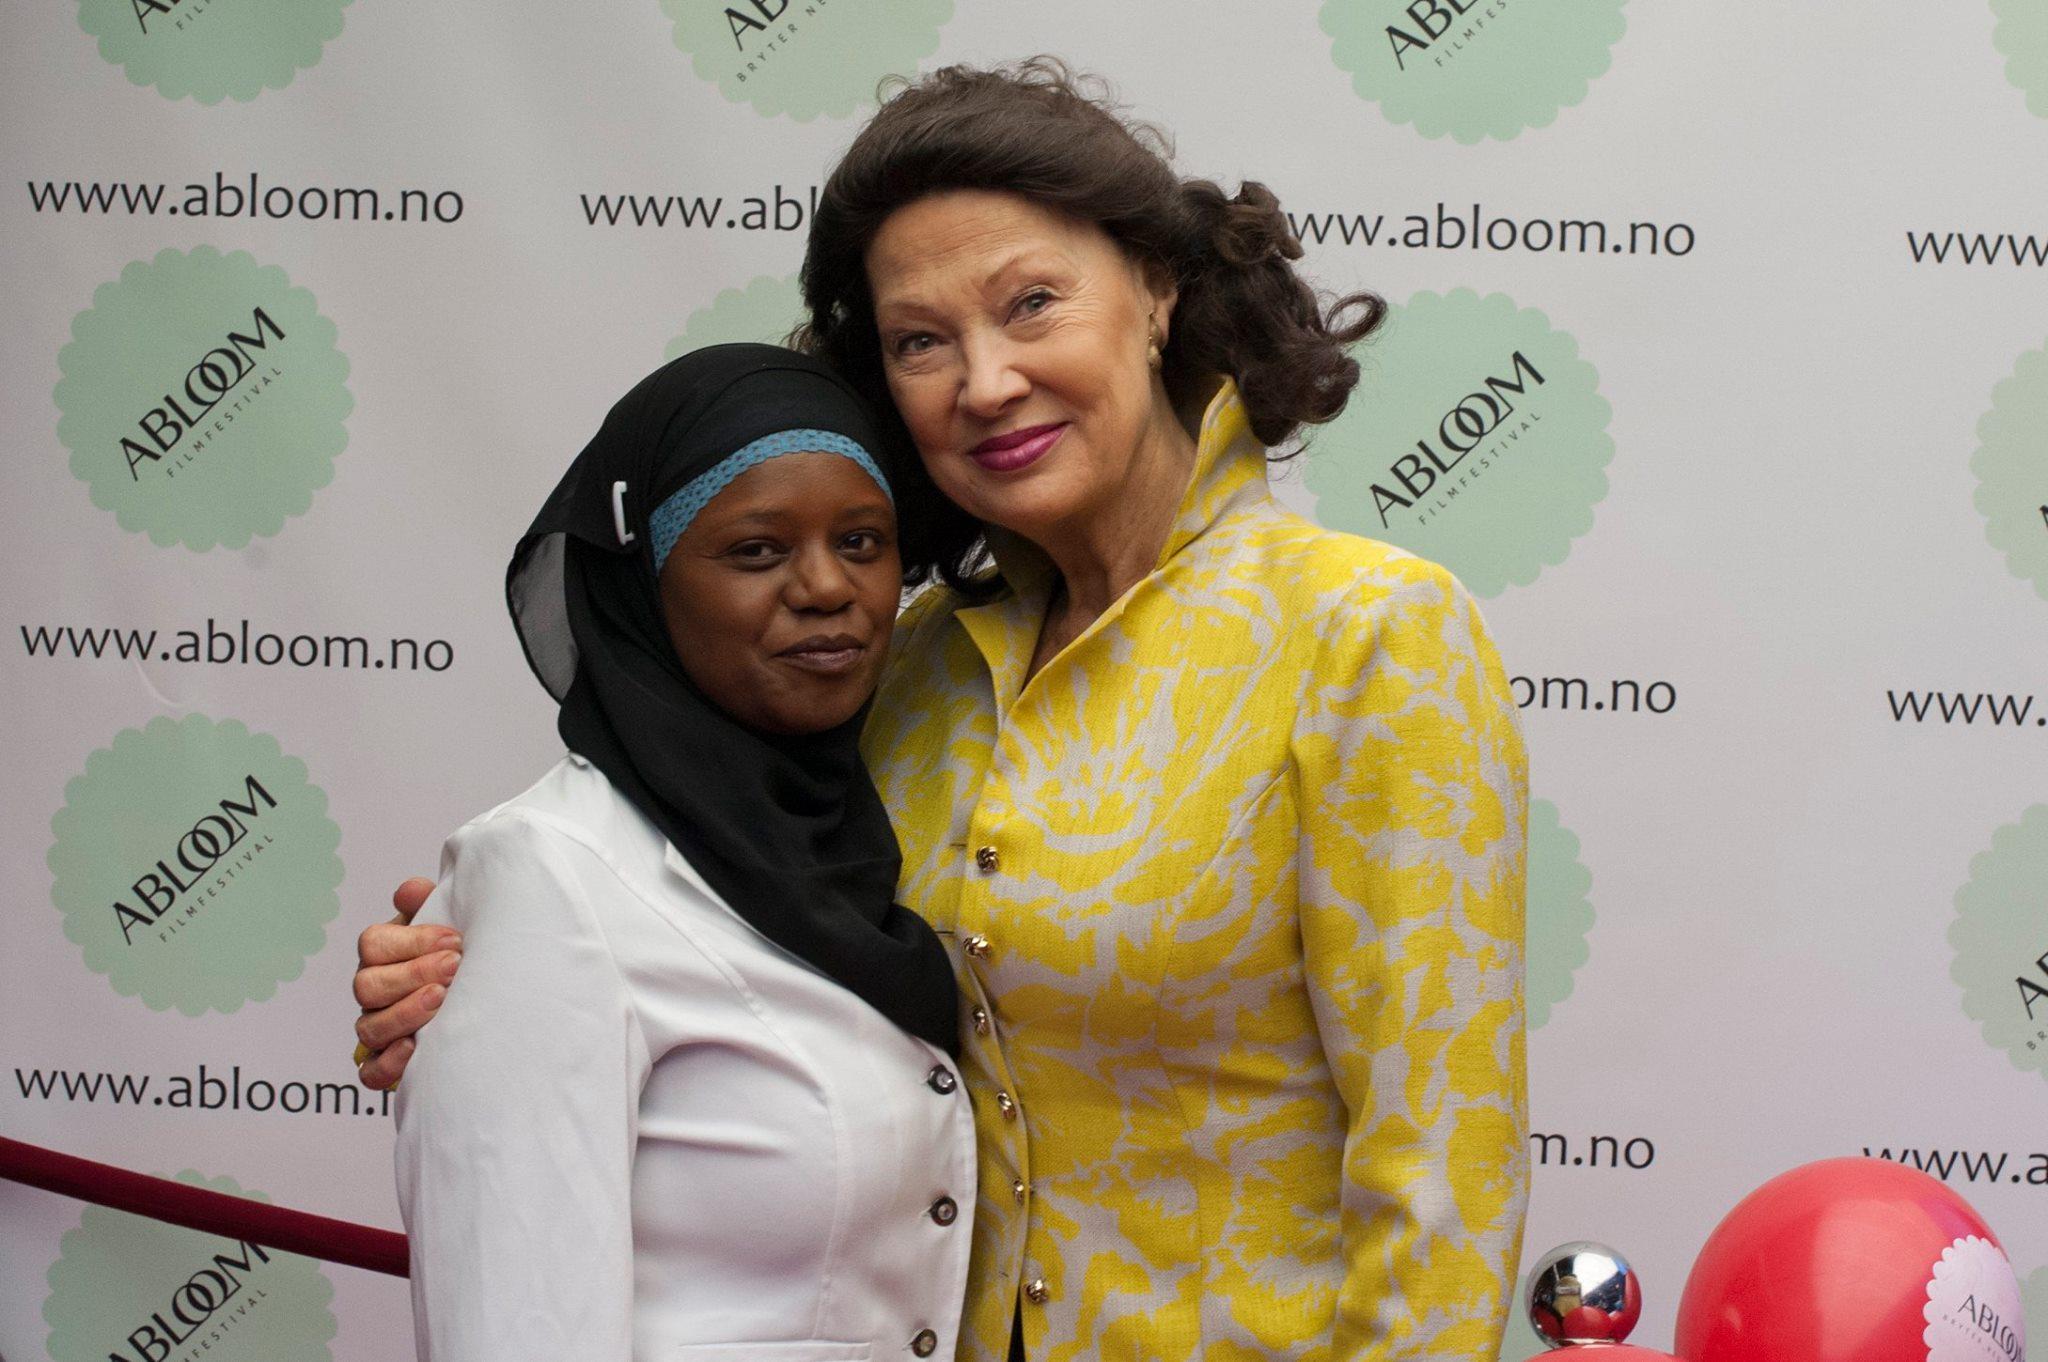 Åse Klevelands dype vennskap med organisasjonsdirektør Faridah Nabaggala har vært en viktig del av Ablooms historie, noe Dagsavisen skrev en featurereportasje om i forbindelse med festivalen.